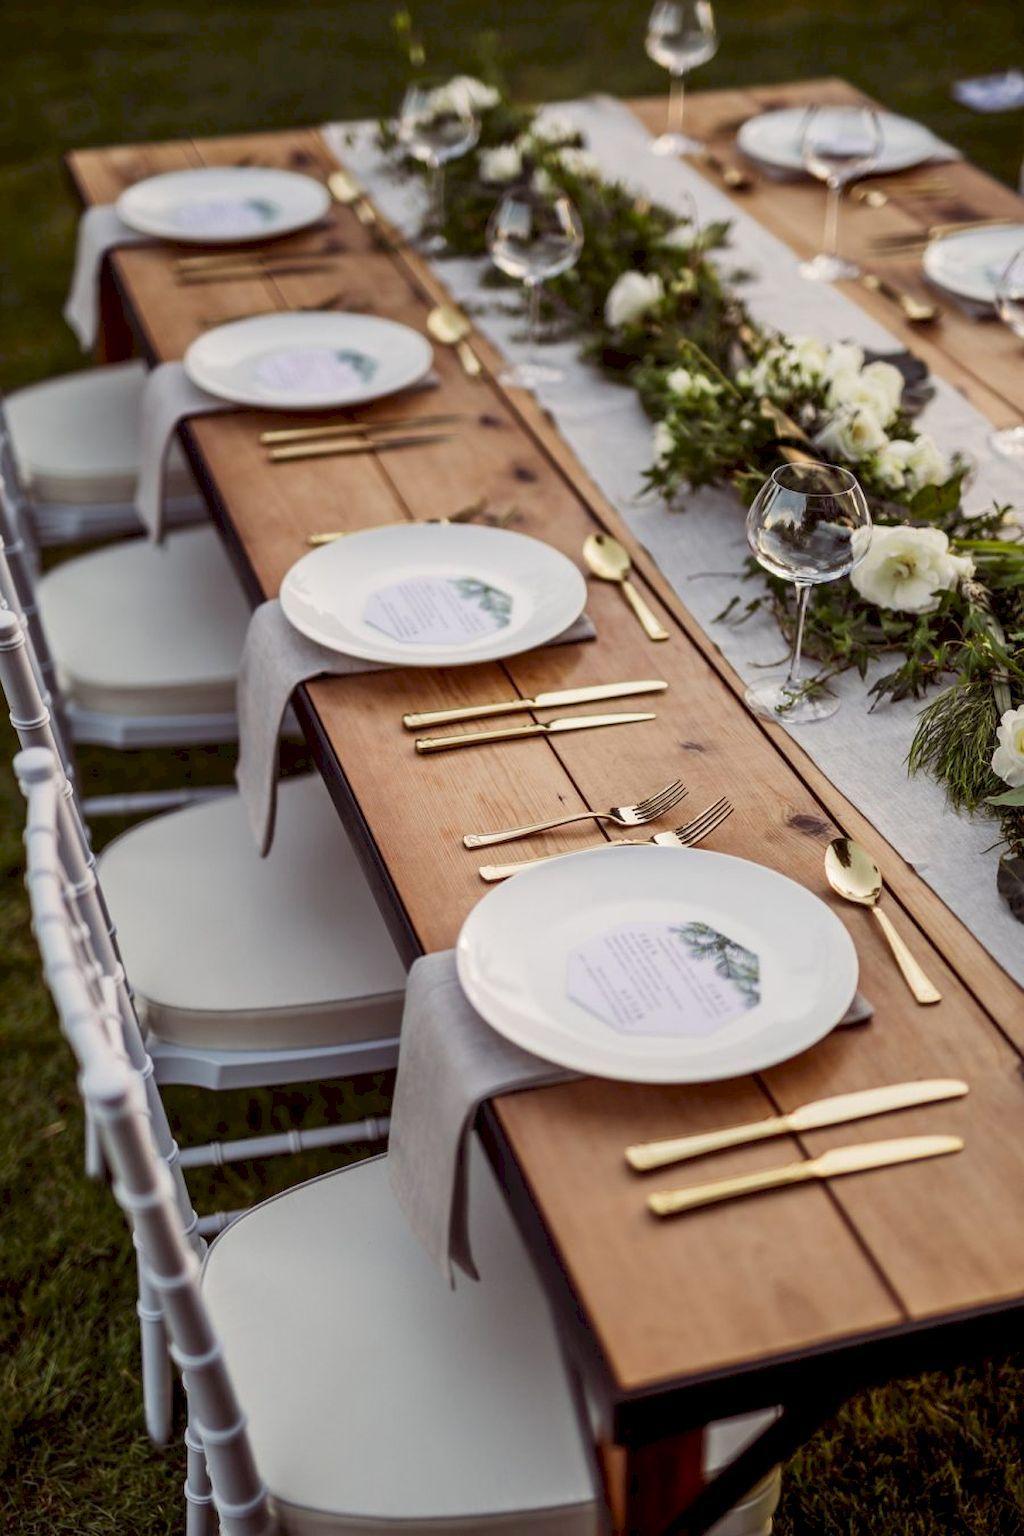 Decor ideas for wedding   Greenery Wedding Decor Ideas  Weddings